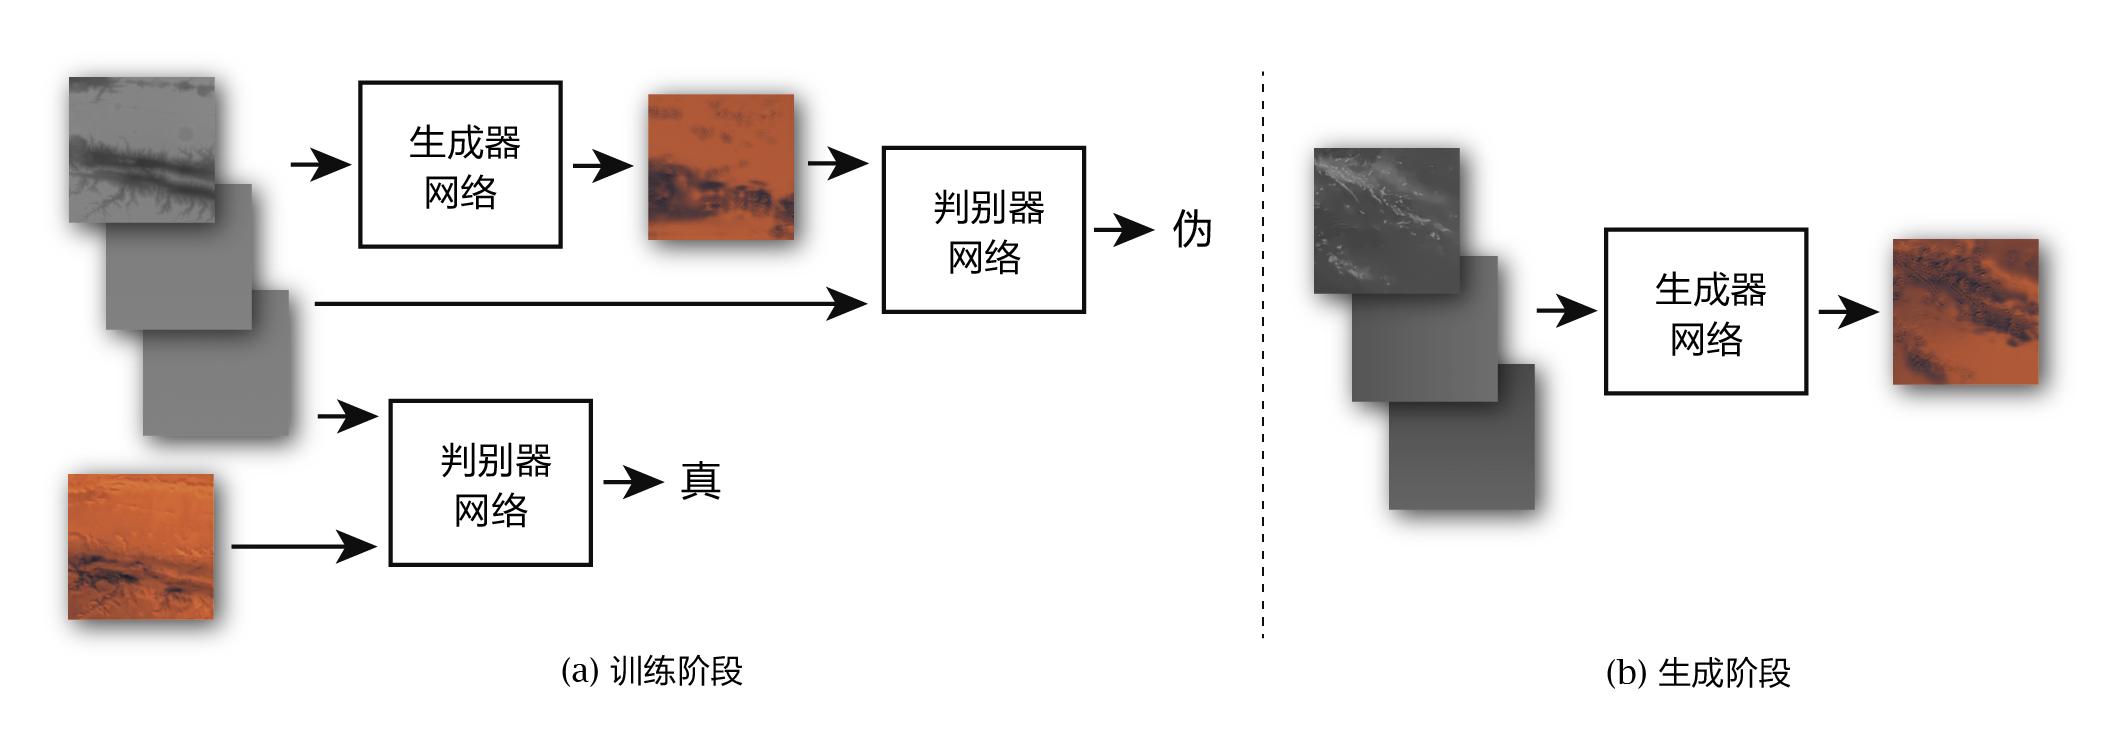 上图示意本项目中使用的条件生成对抗网络(Conditional GAN)和数据样例。训练阶段使用火星数据;生成阶段使用地球数据。在训练过程中,生成器学习如何根据地理信息构建彩色图像,以期骗过鉴定器;而判别器学习如何识别火星图像的真伪。两个网络交替训练,以期相互竞争并同步成长。模型所使用的数以千计的数据区块由火星和地球的全球数据切分而成。为辅助训练和生成,数据集中亦包含经纬度信息。